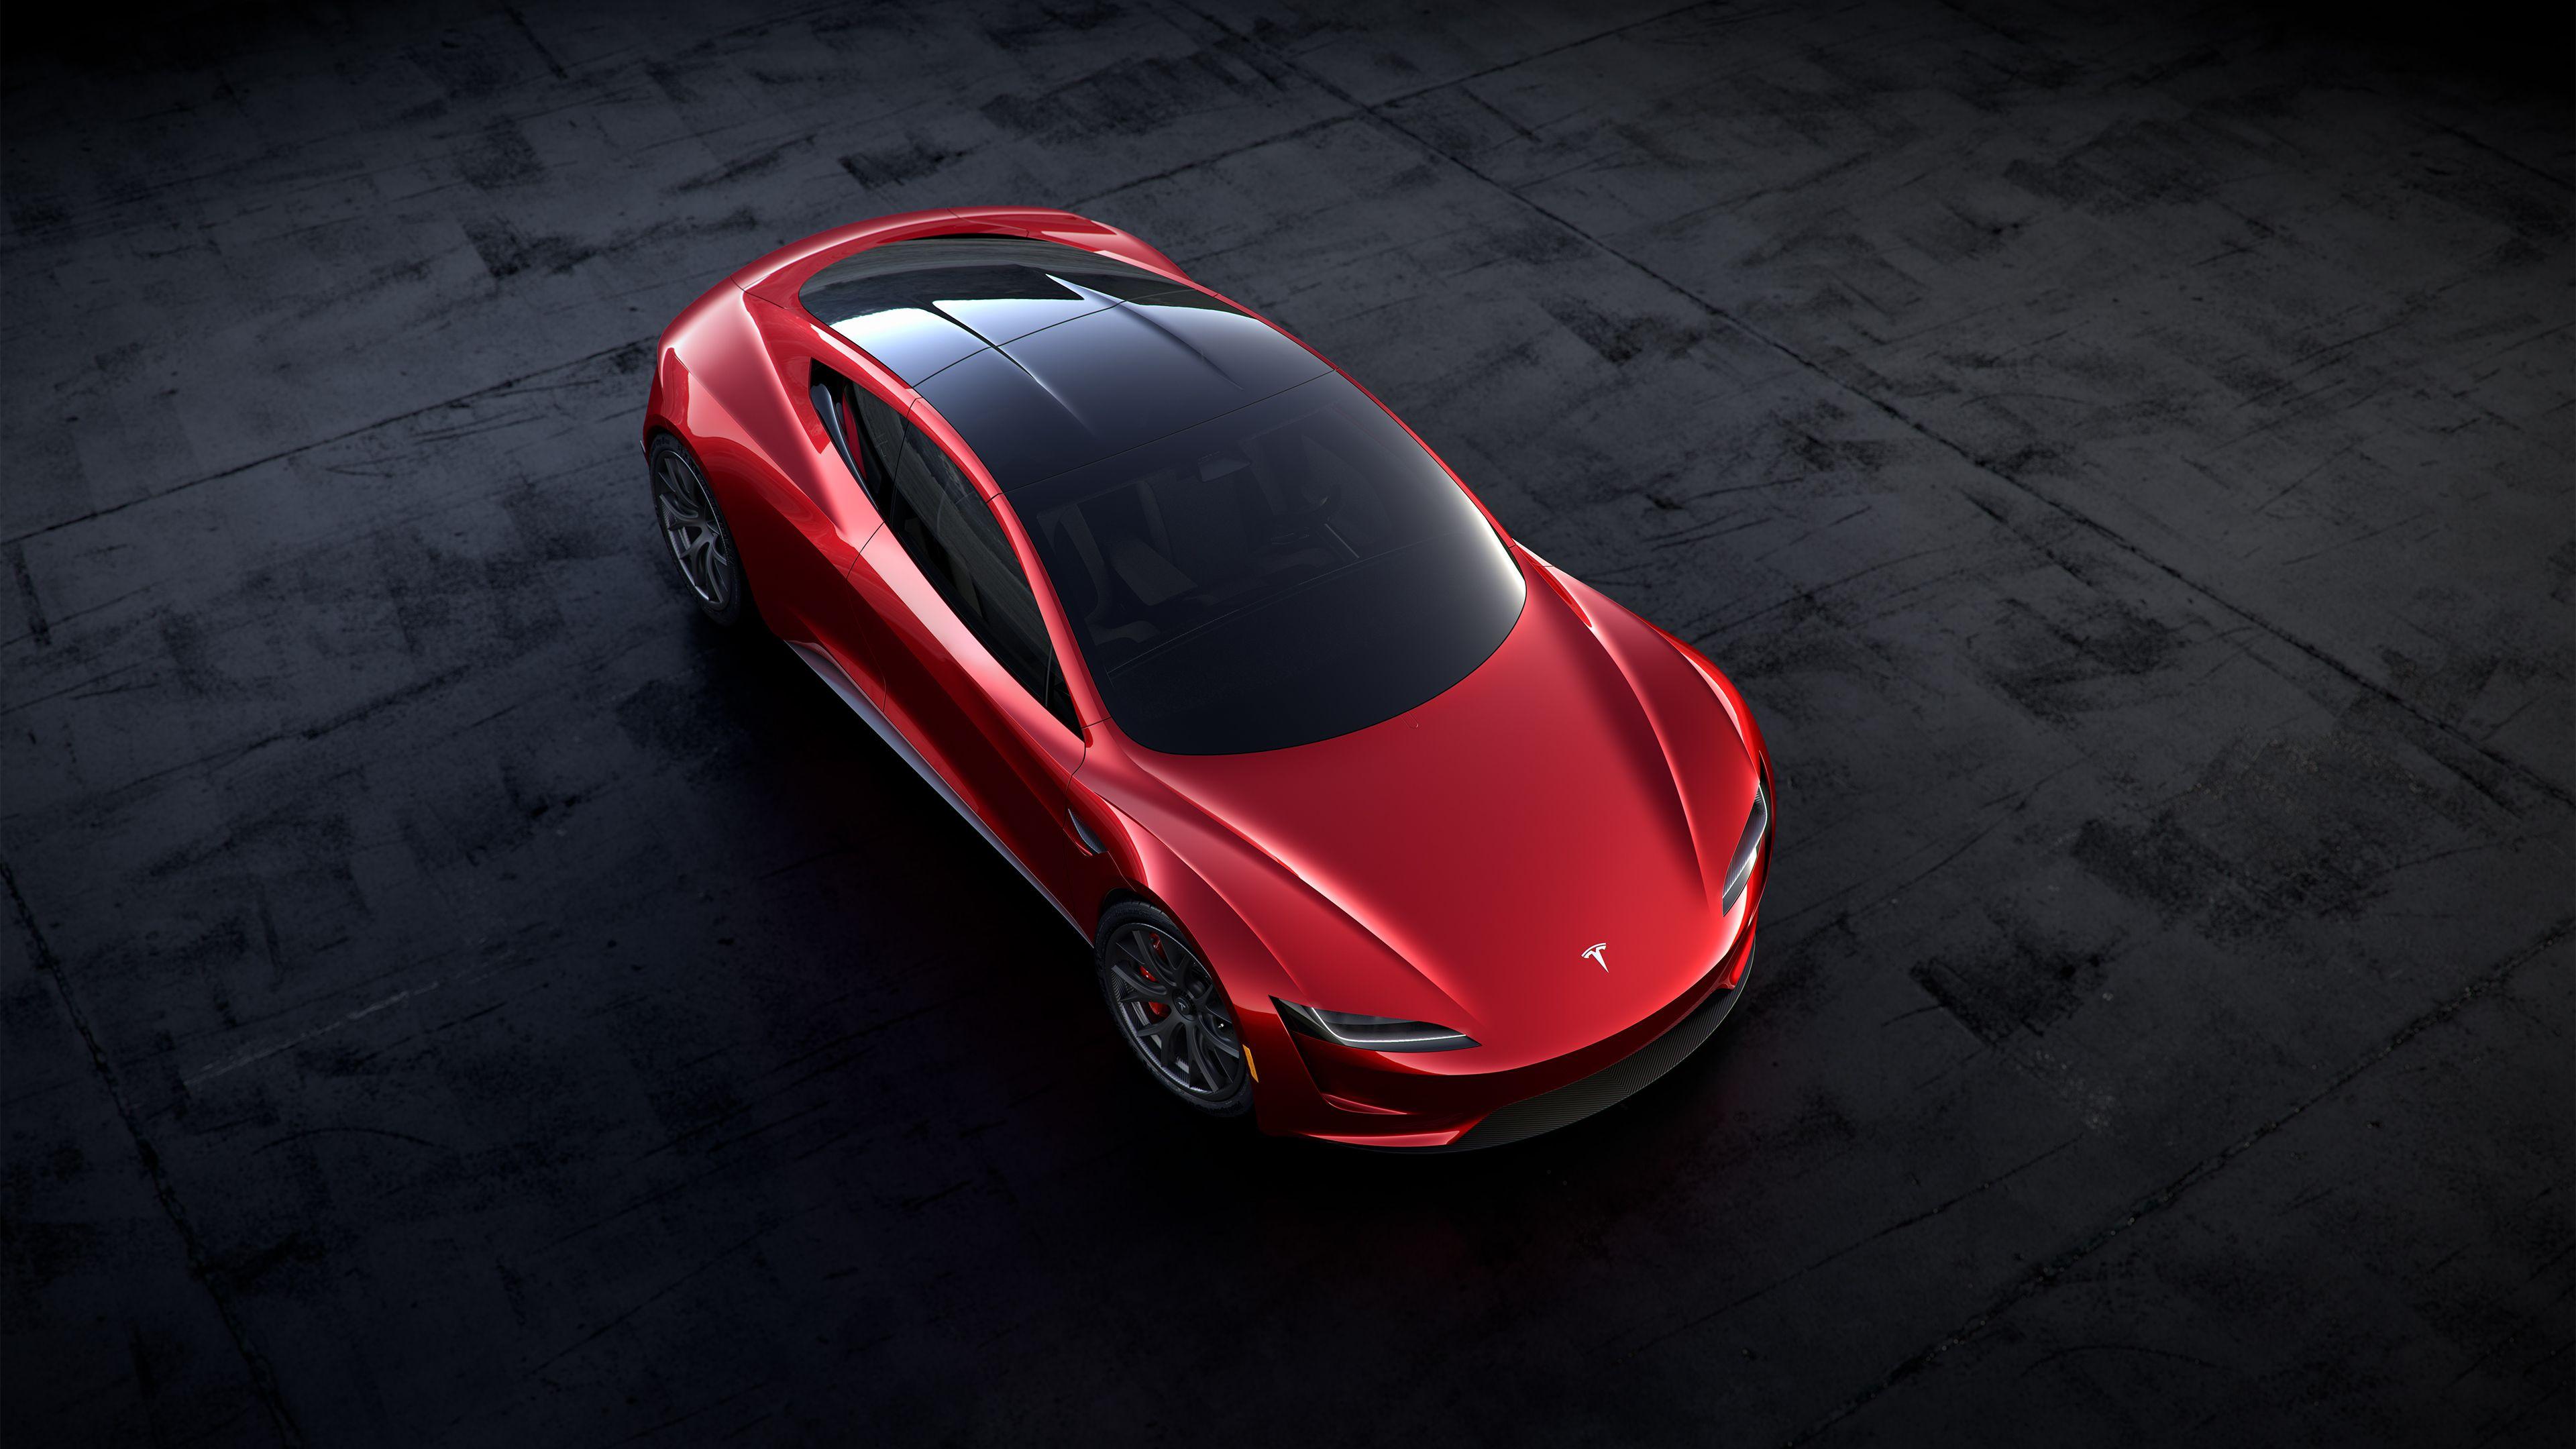 Nye Tesla Roadster har avtagbart glasstak og plass til fire personer. Bilde: Tesla